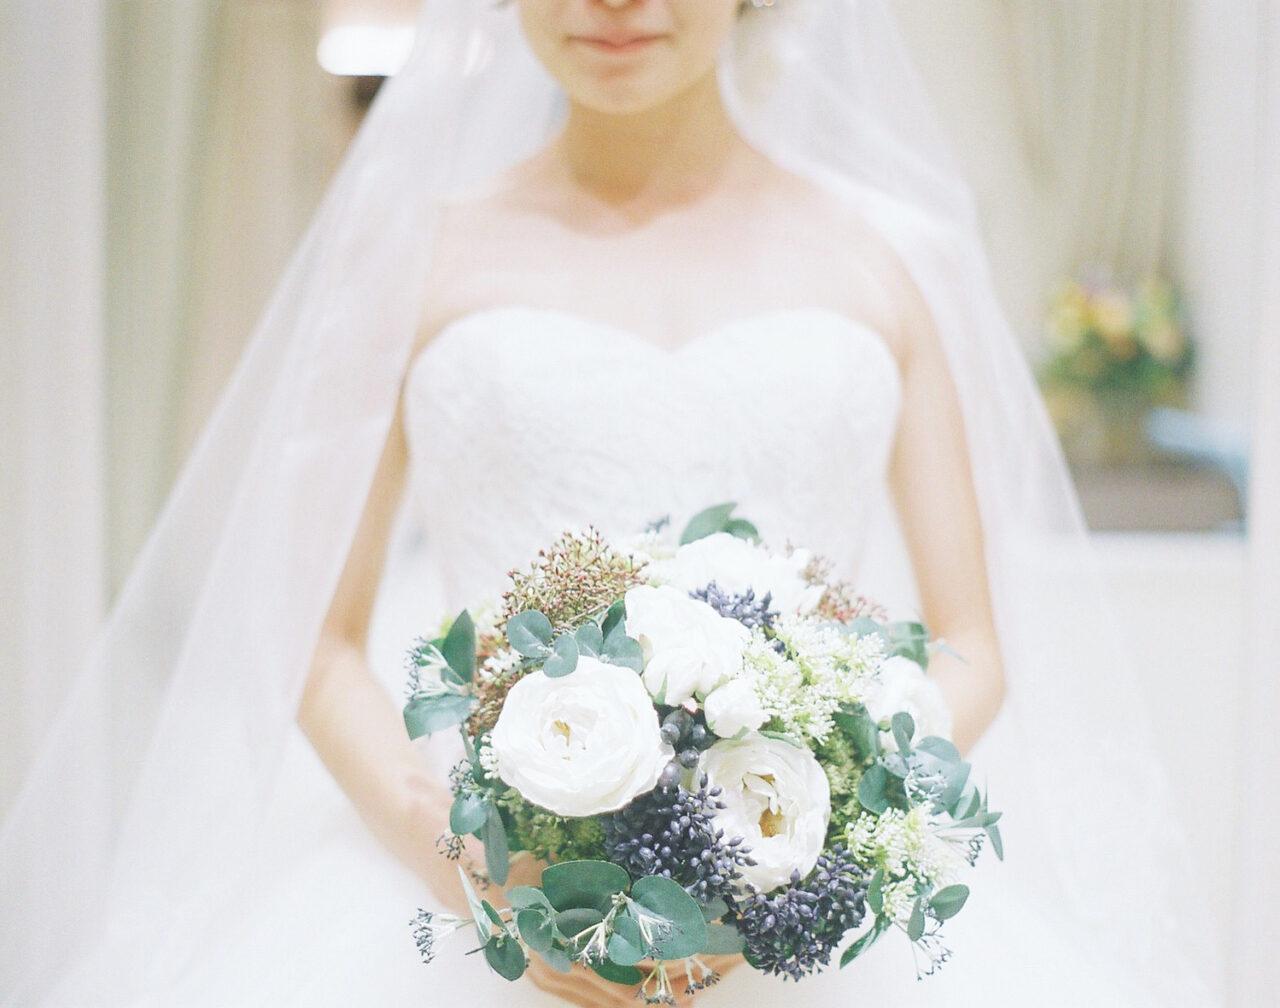 ウエディングドレス姿の花嫁、手にはブーケ